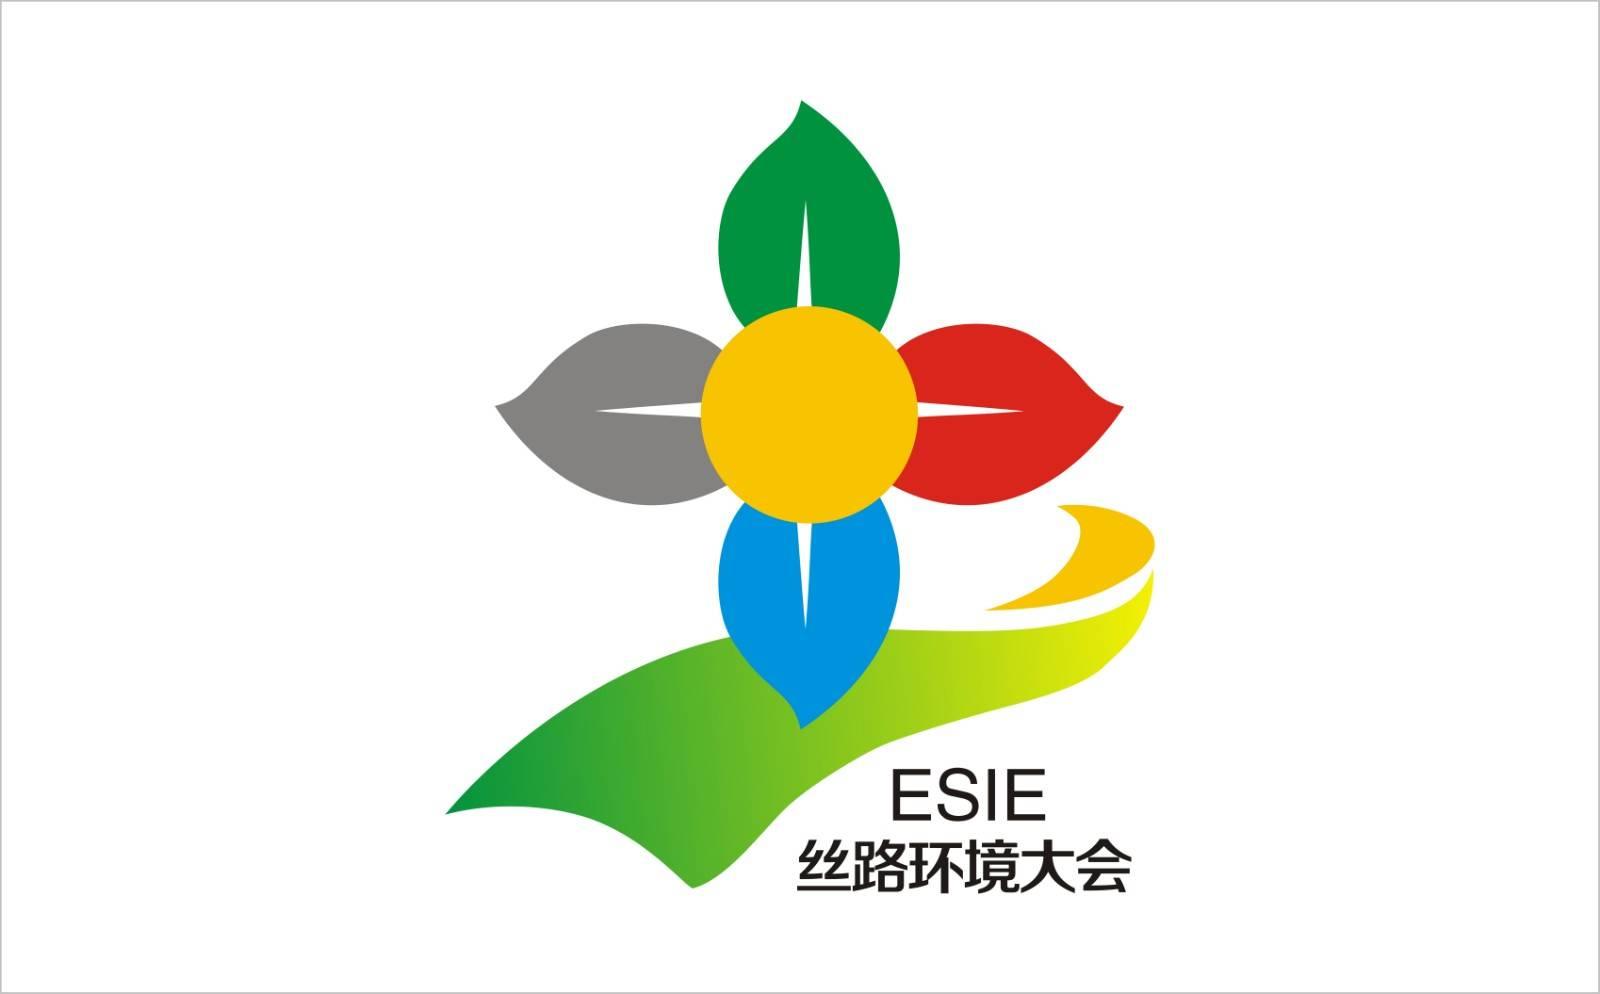 第十五屆絲路(西安) 水處理展覽會